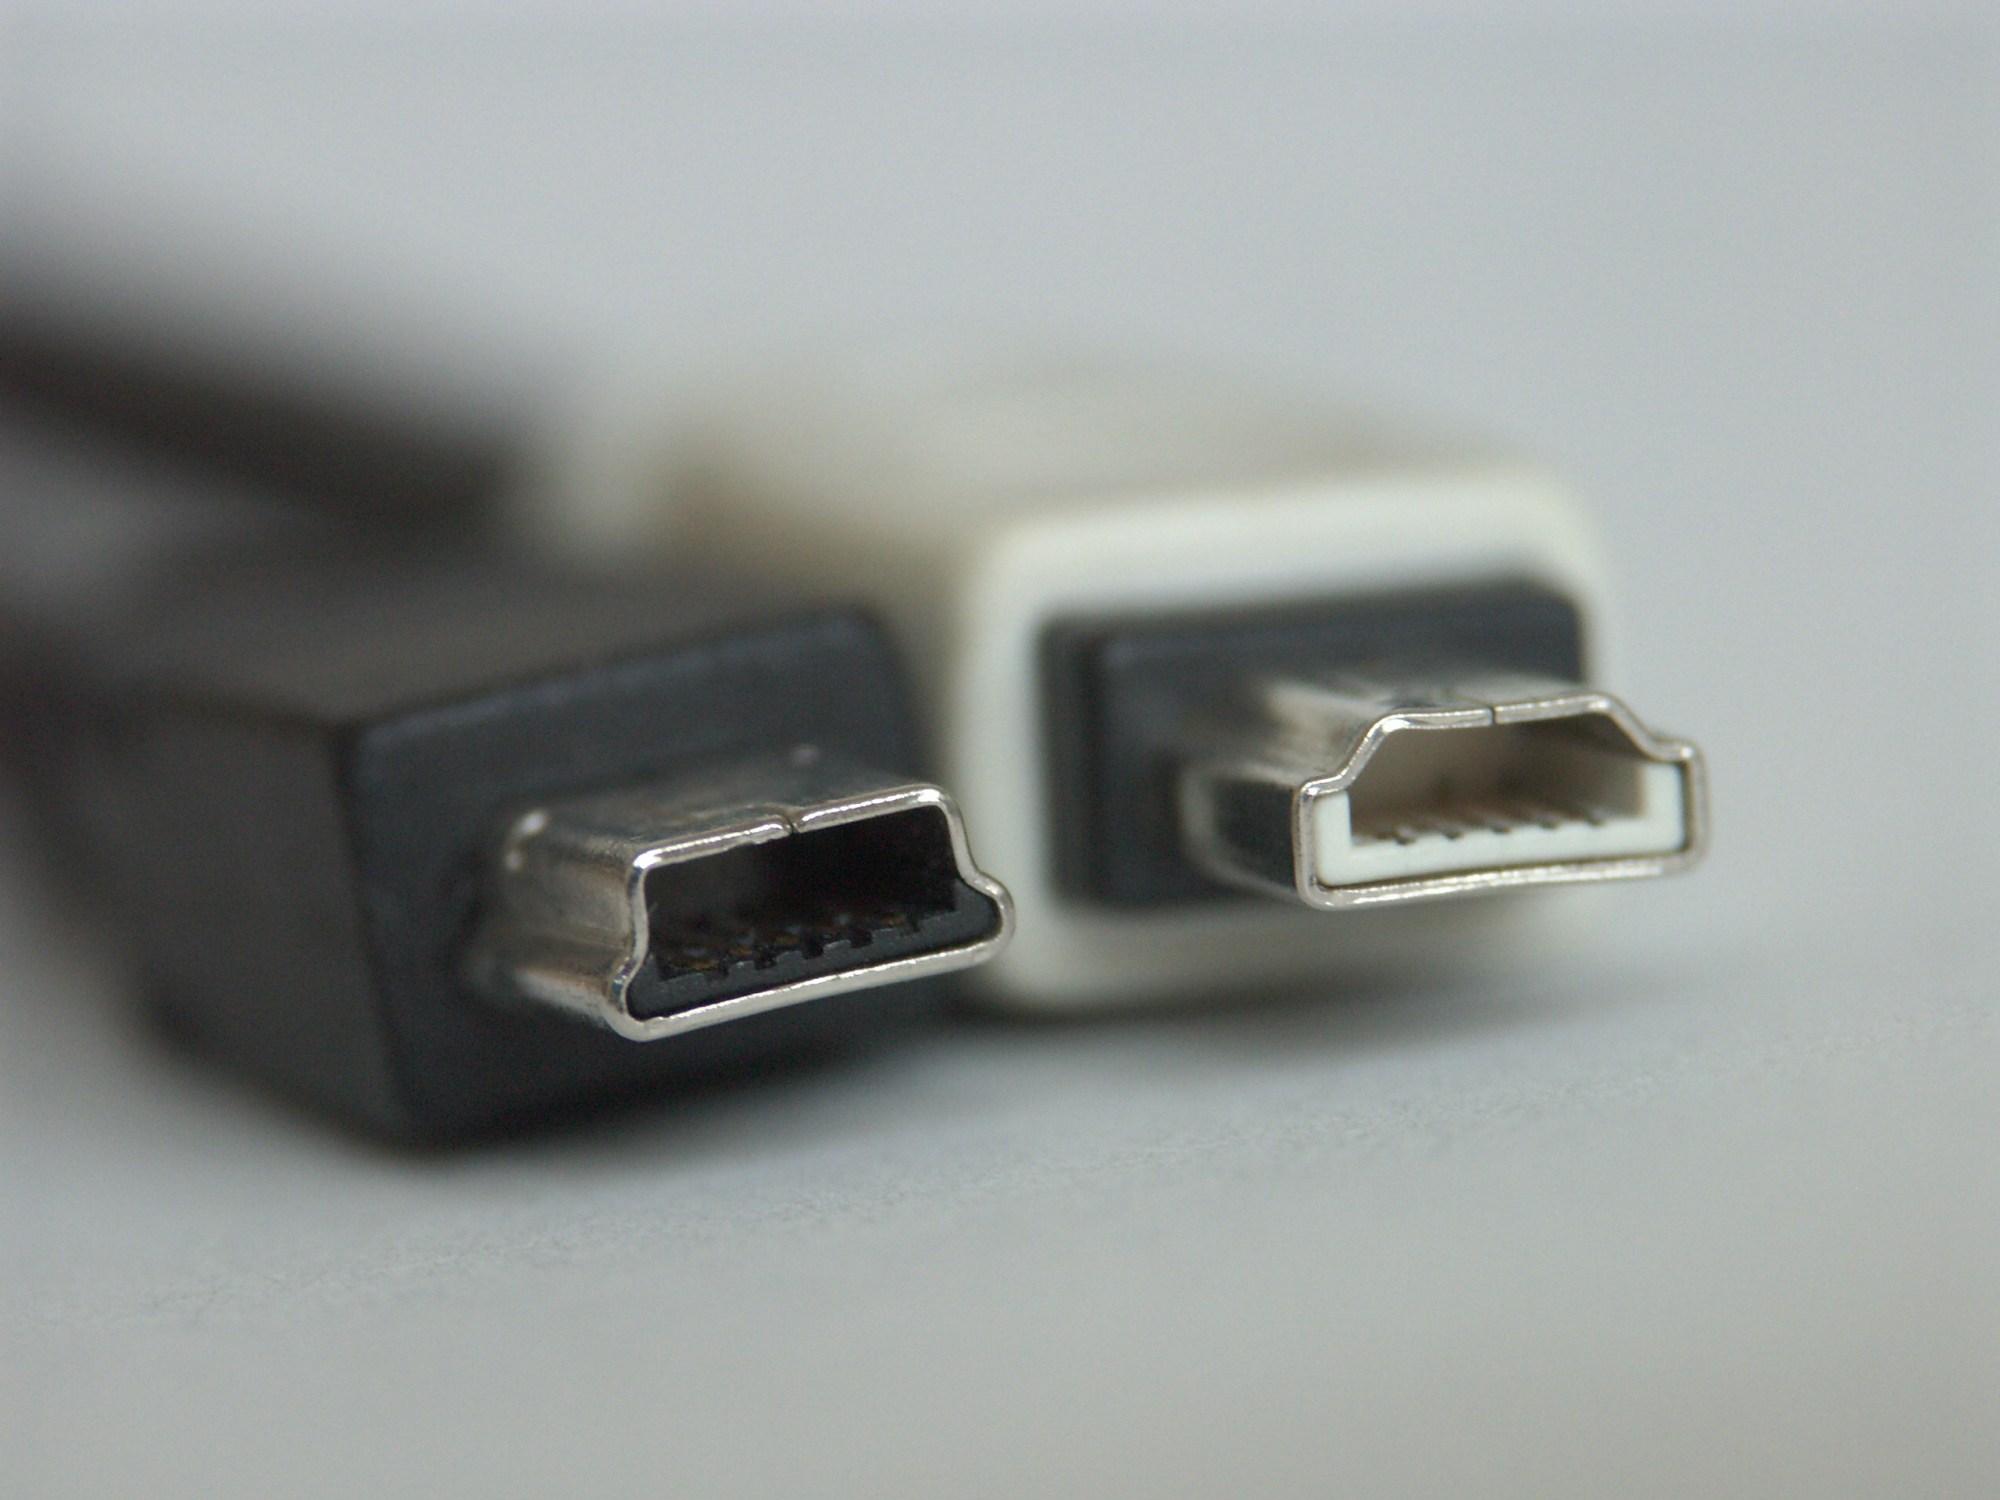 hight resolution of usb mini b plug